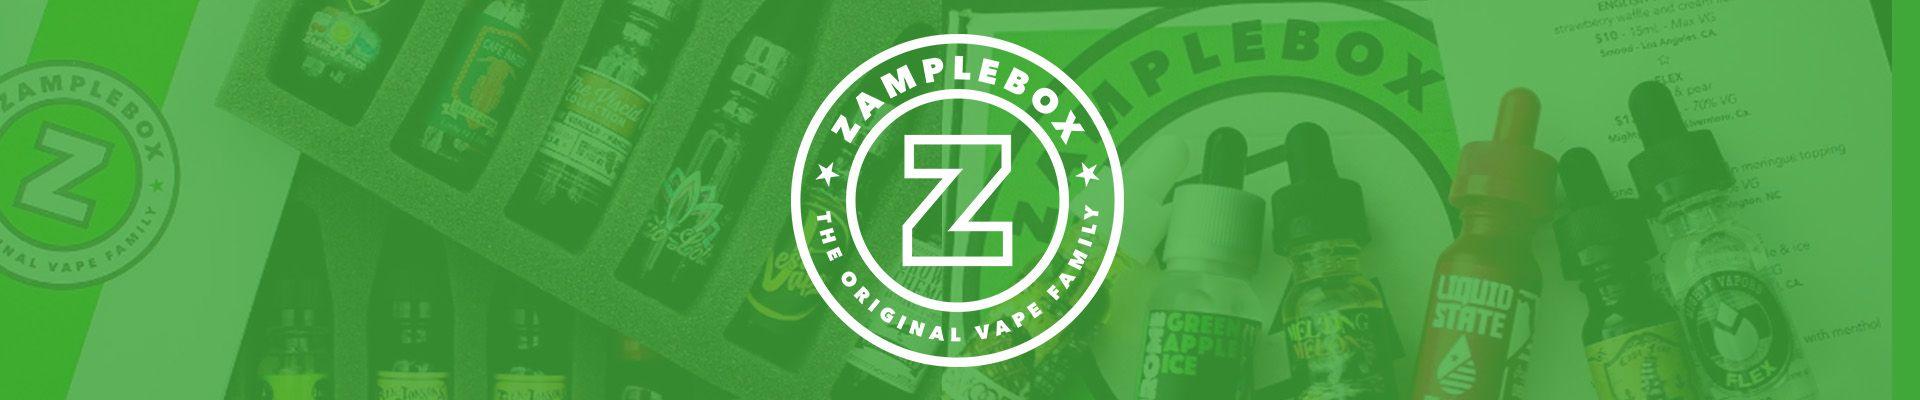 E-Juice & Vape Juice Community Resources | ZampleBox